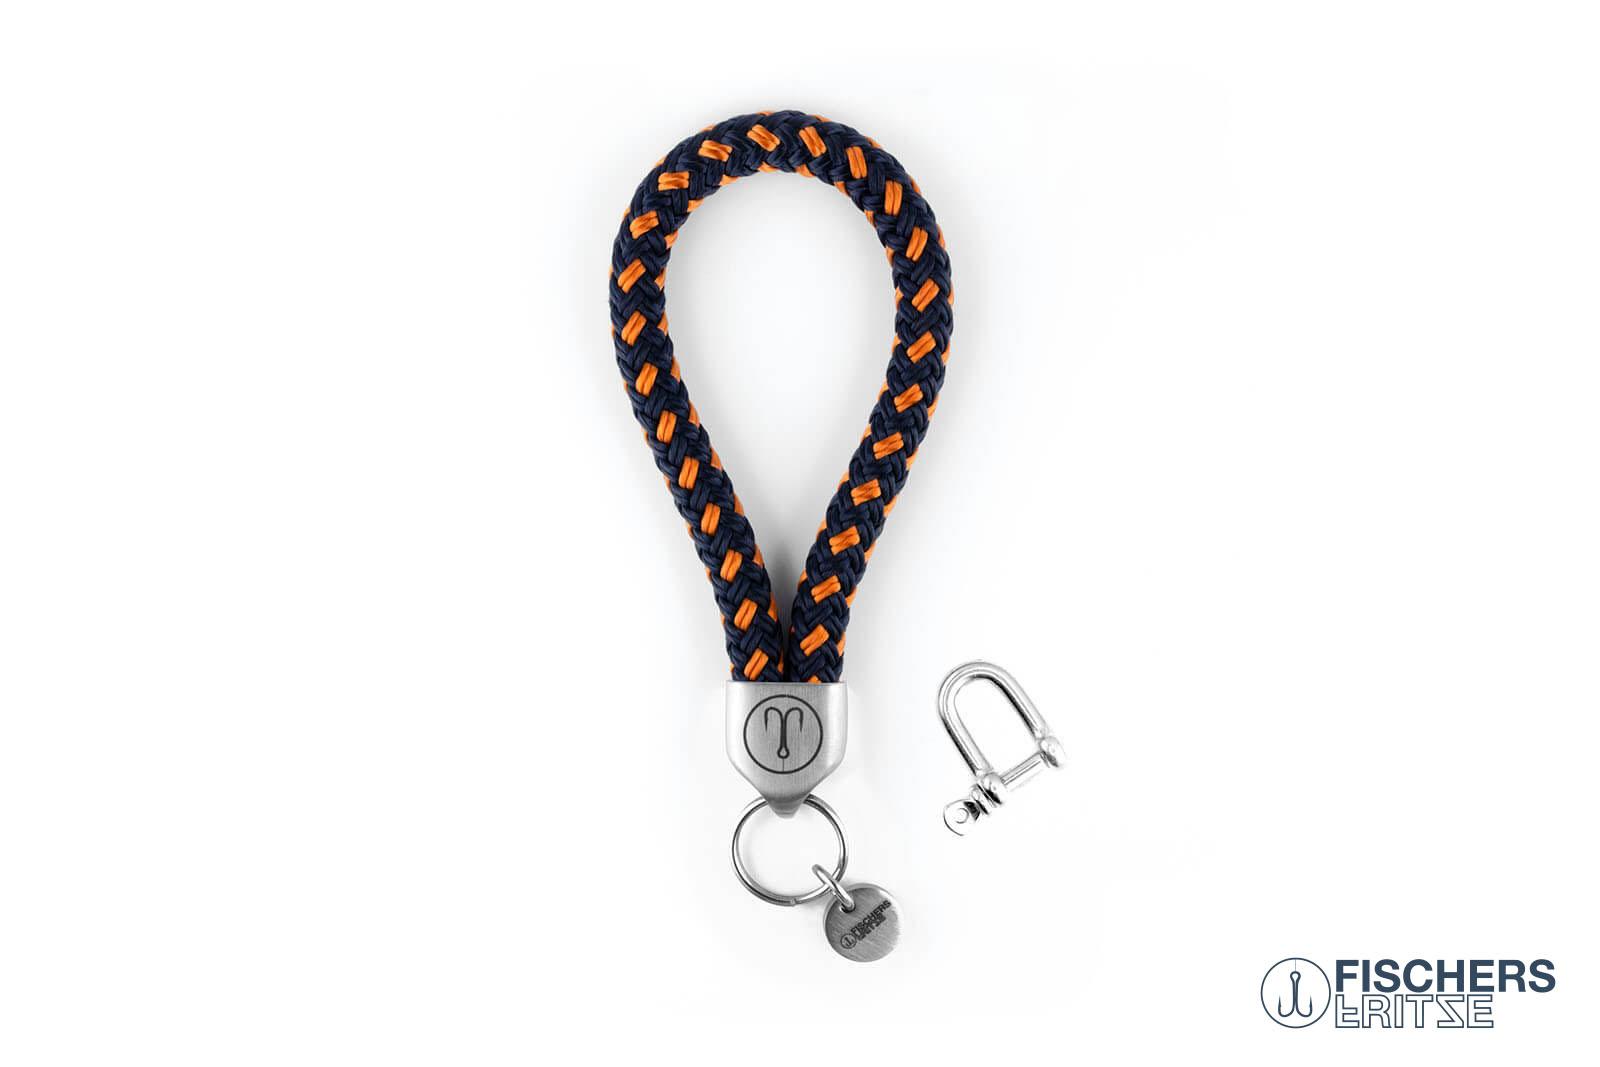 armband-fischers-fritze-dickerhering-marineblau-orange-segeltau-schaekel